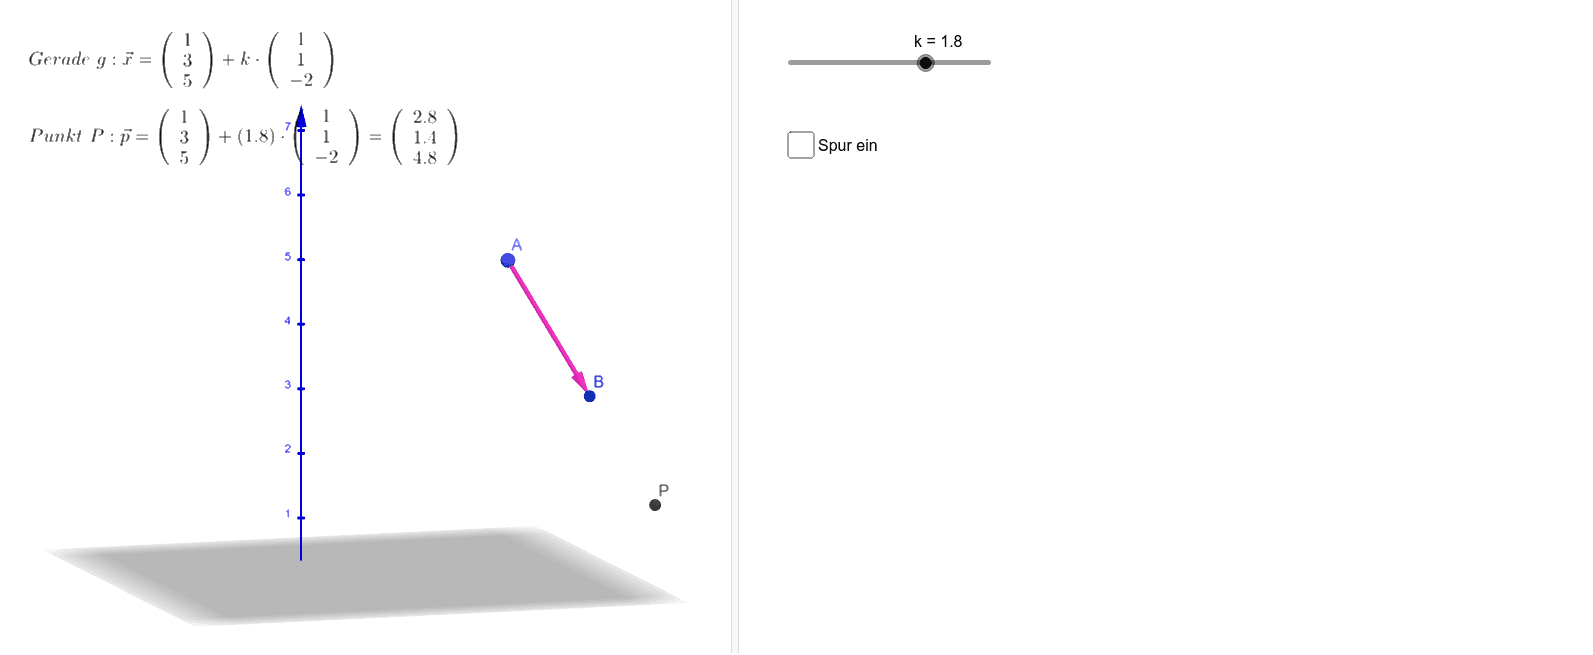 Parameterform einer Geraden Drücke die Eingabetaste um die Aktivität zu starten